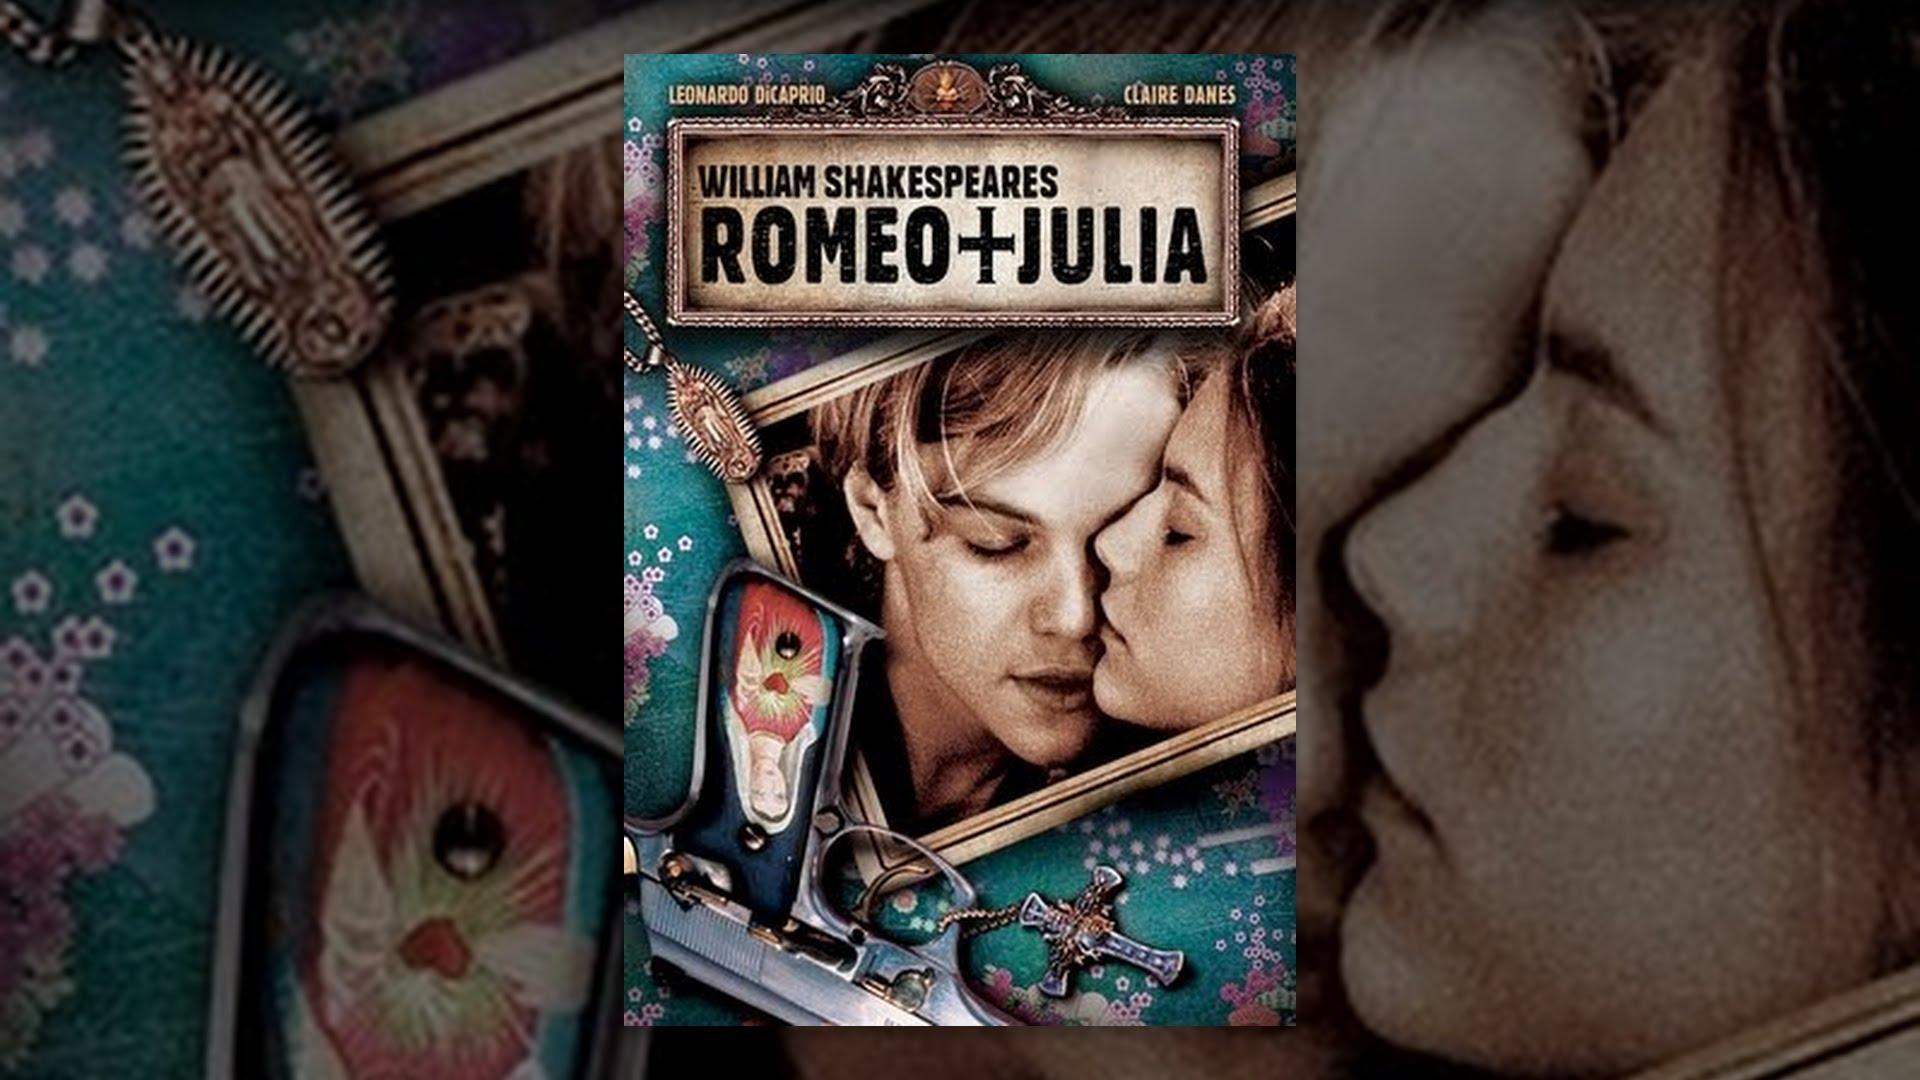 William Shakespeares Romeo & Julia - 1997